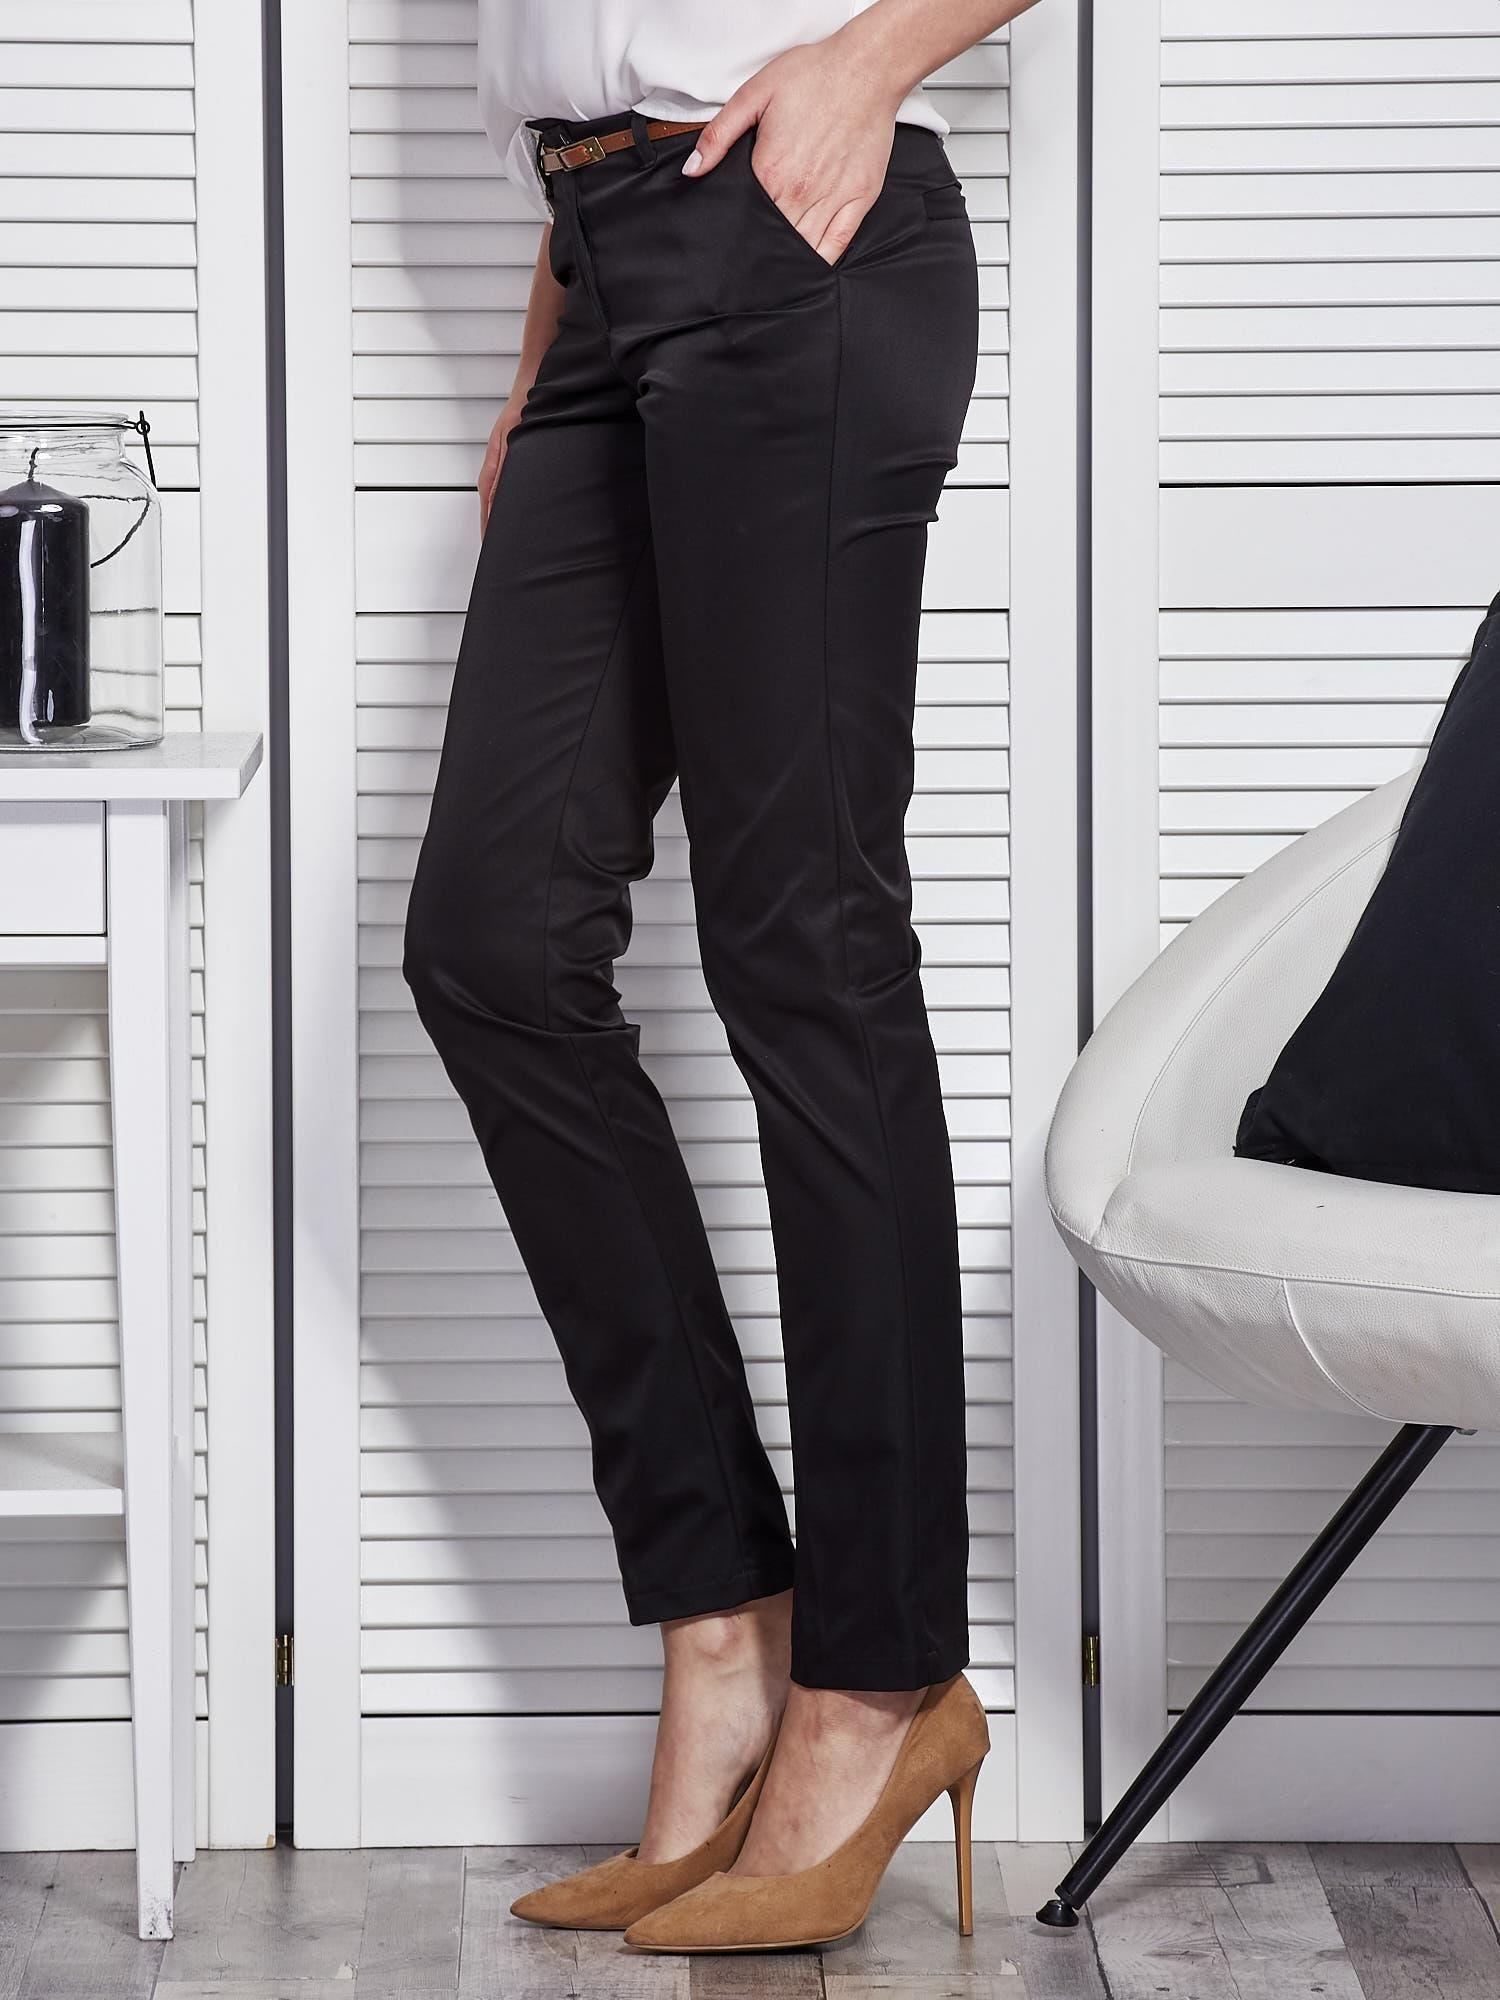 bawelniane spodnie eleganckie czarne damske